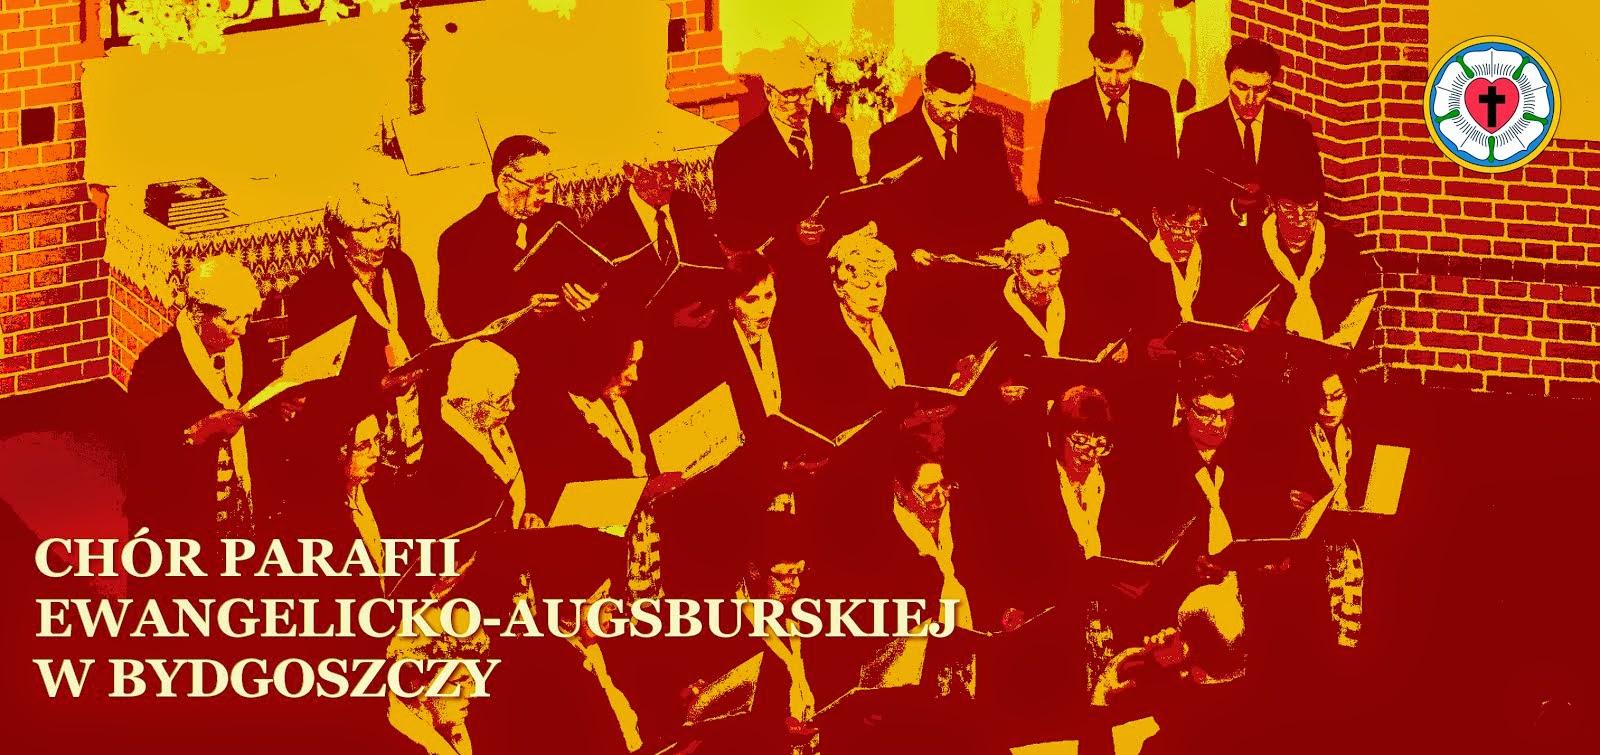 Chór Parafii Ewangelicko-Augsburskiej w Bydgoszczy